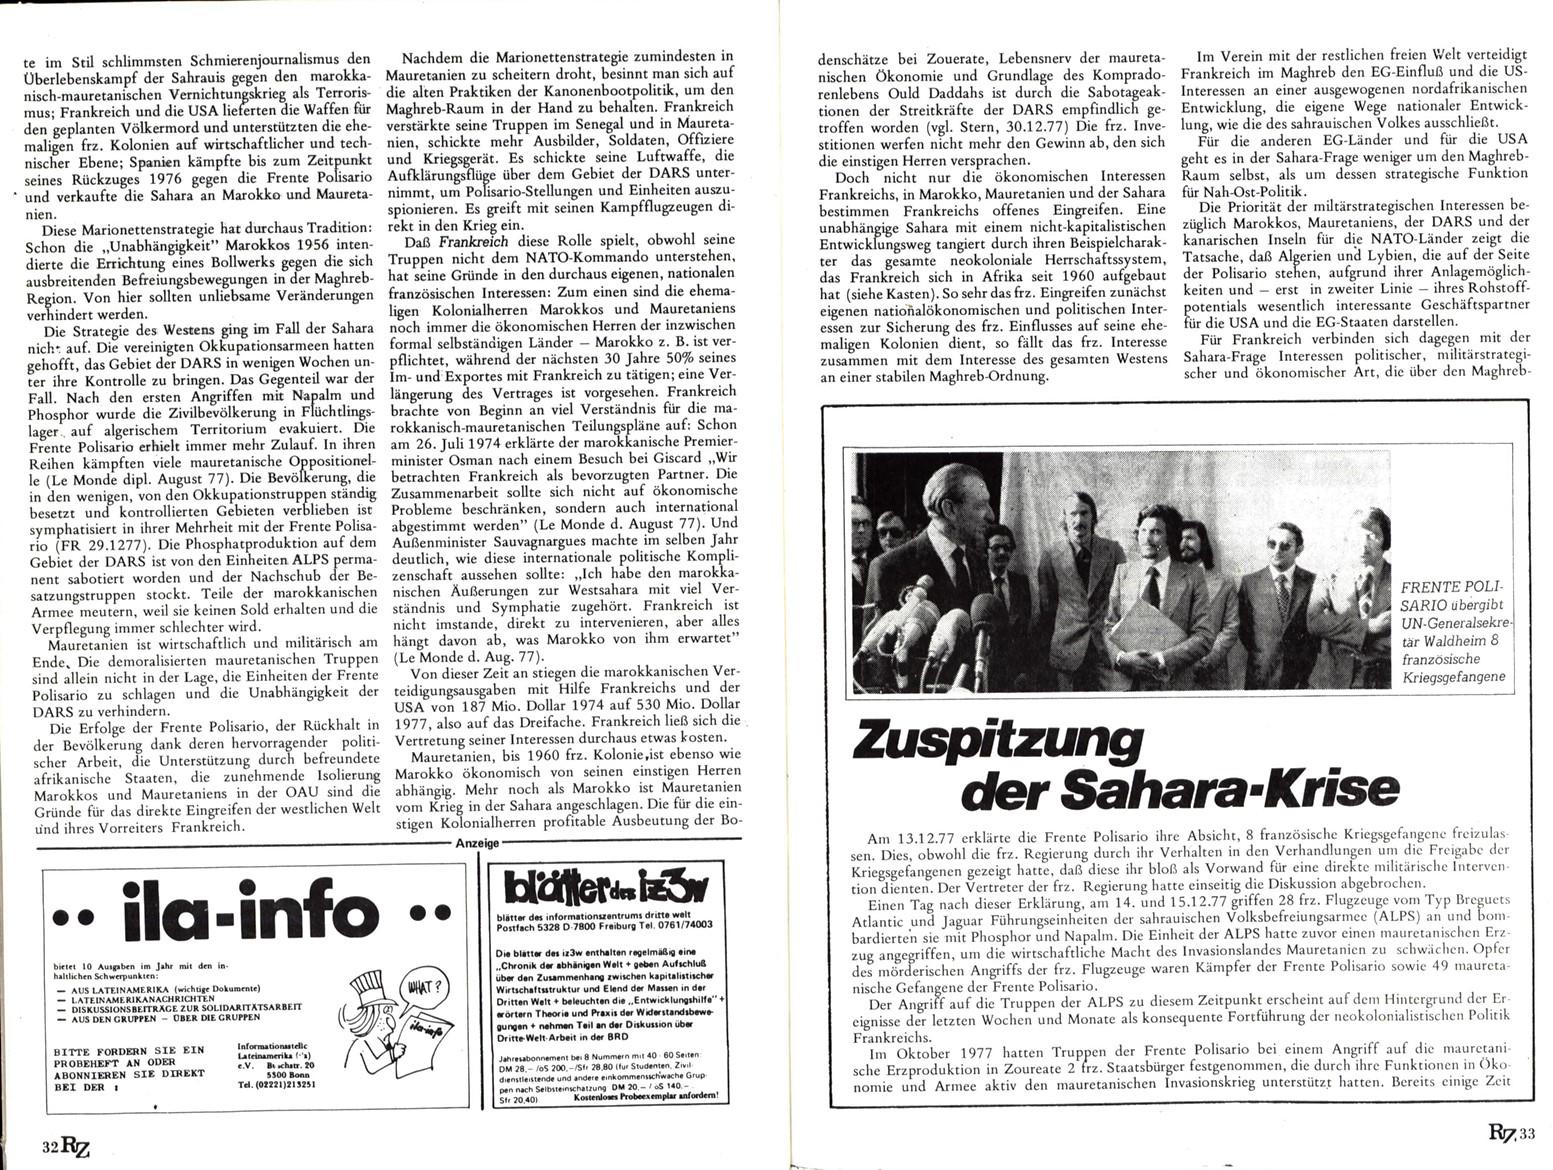 Bonn_RZ_14_19780200_17